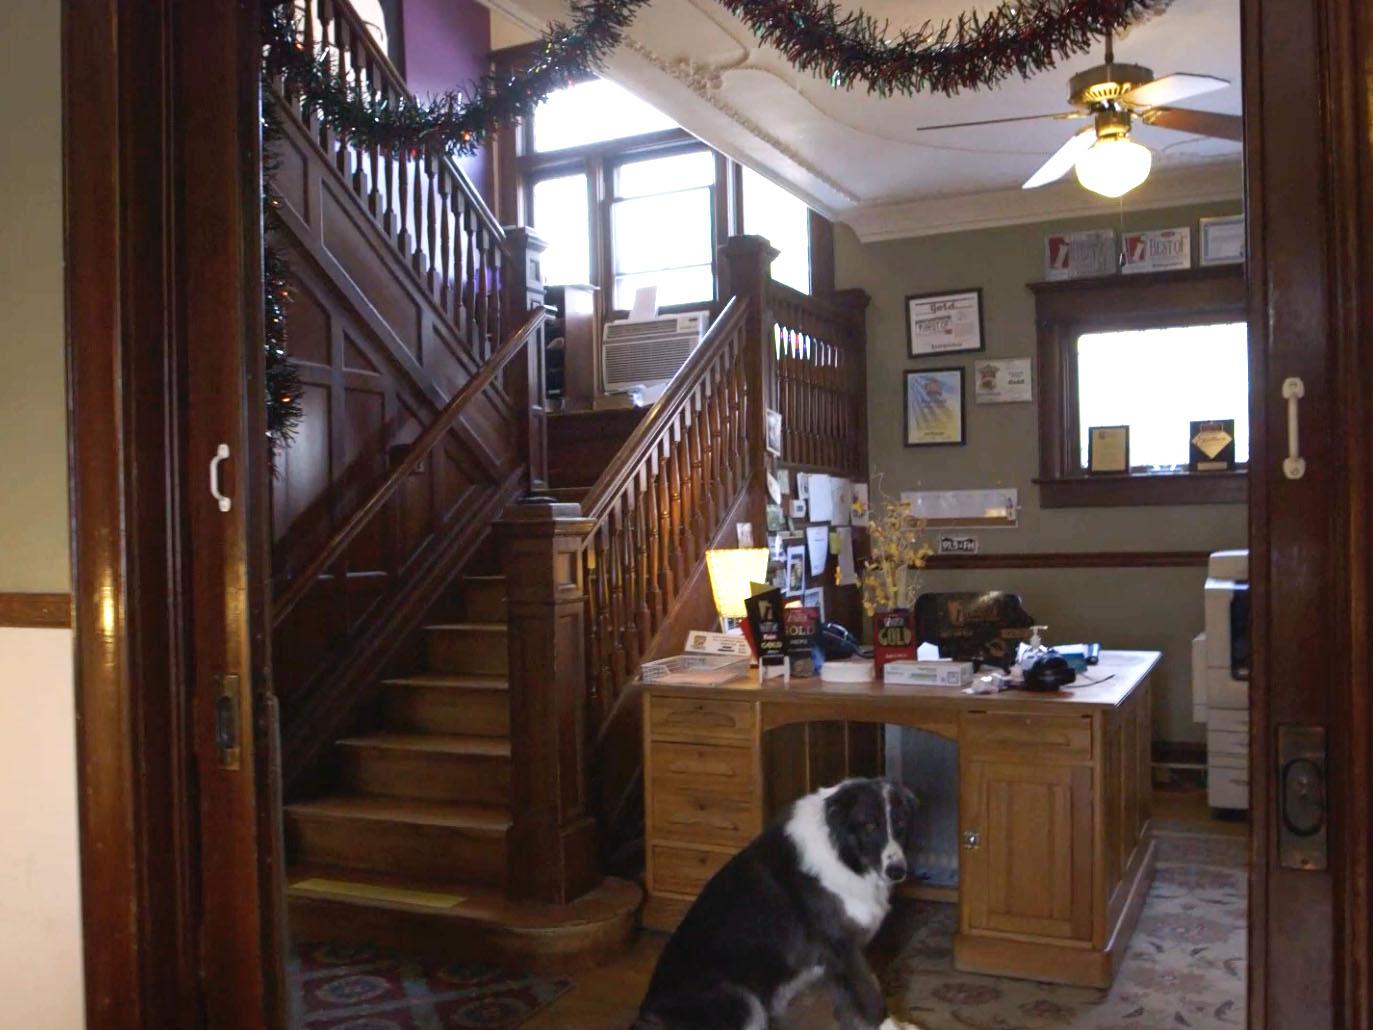 KRCC inside old home at 912 North Weber